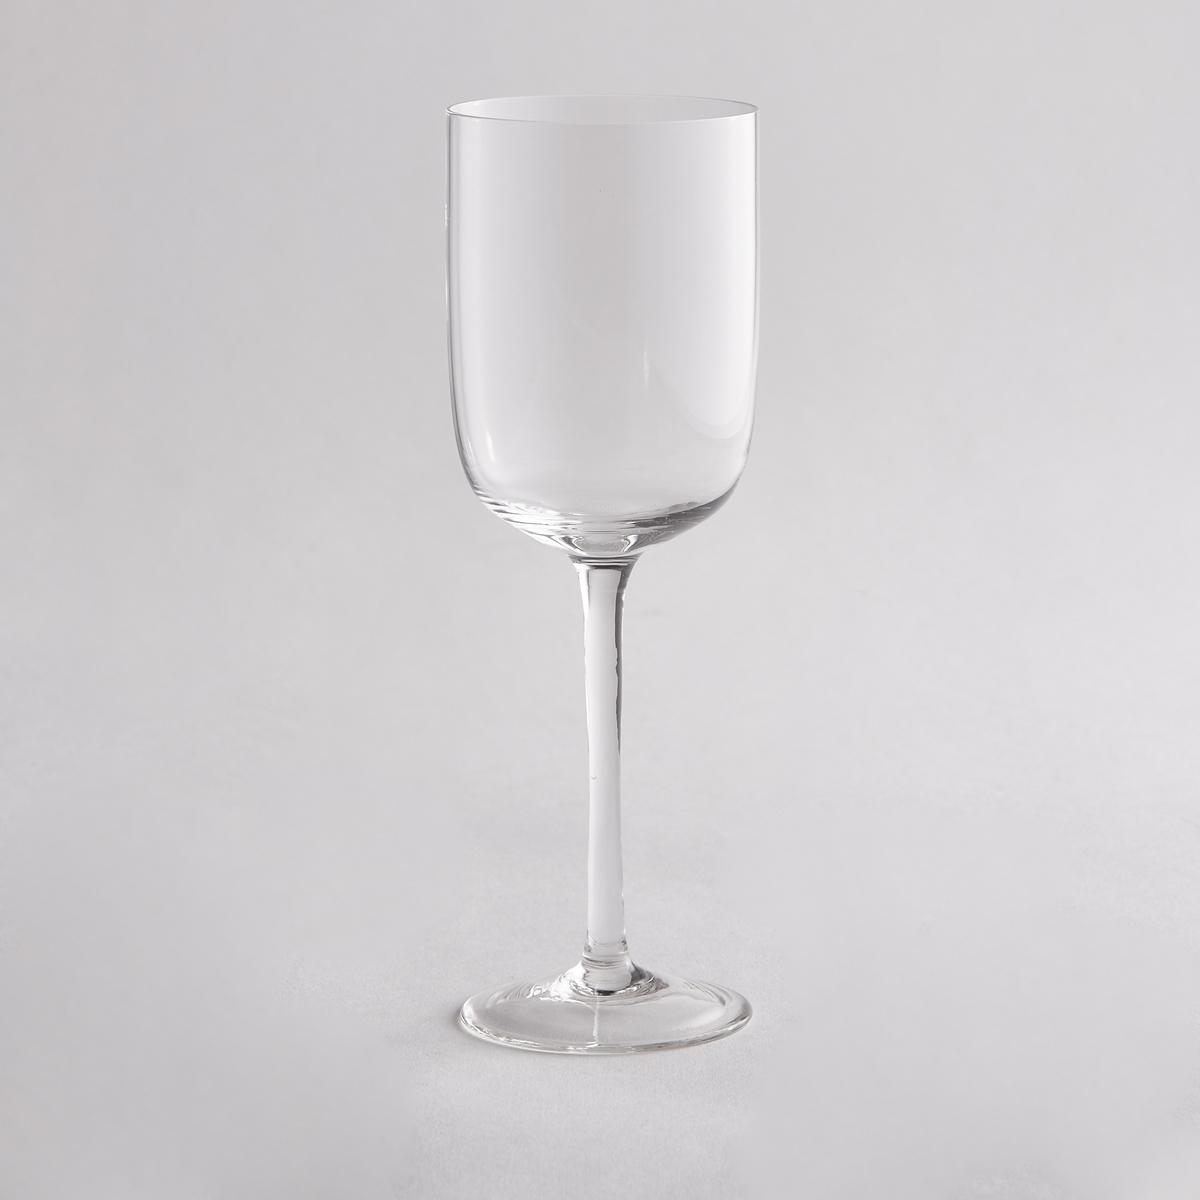 4 бокала под красное вино, PARFITT крымское вино в тюмени